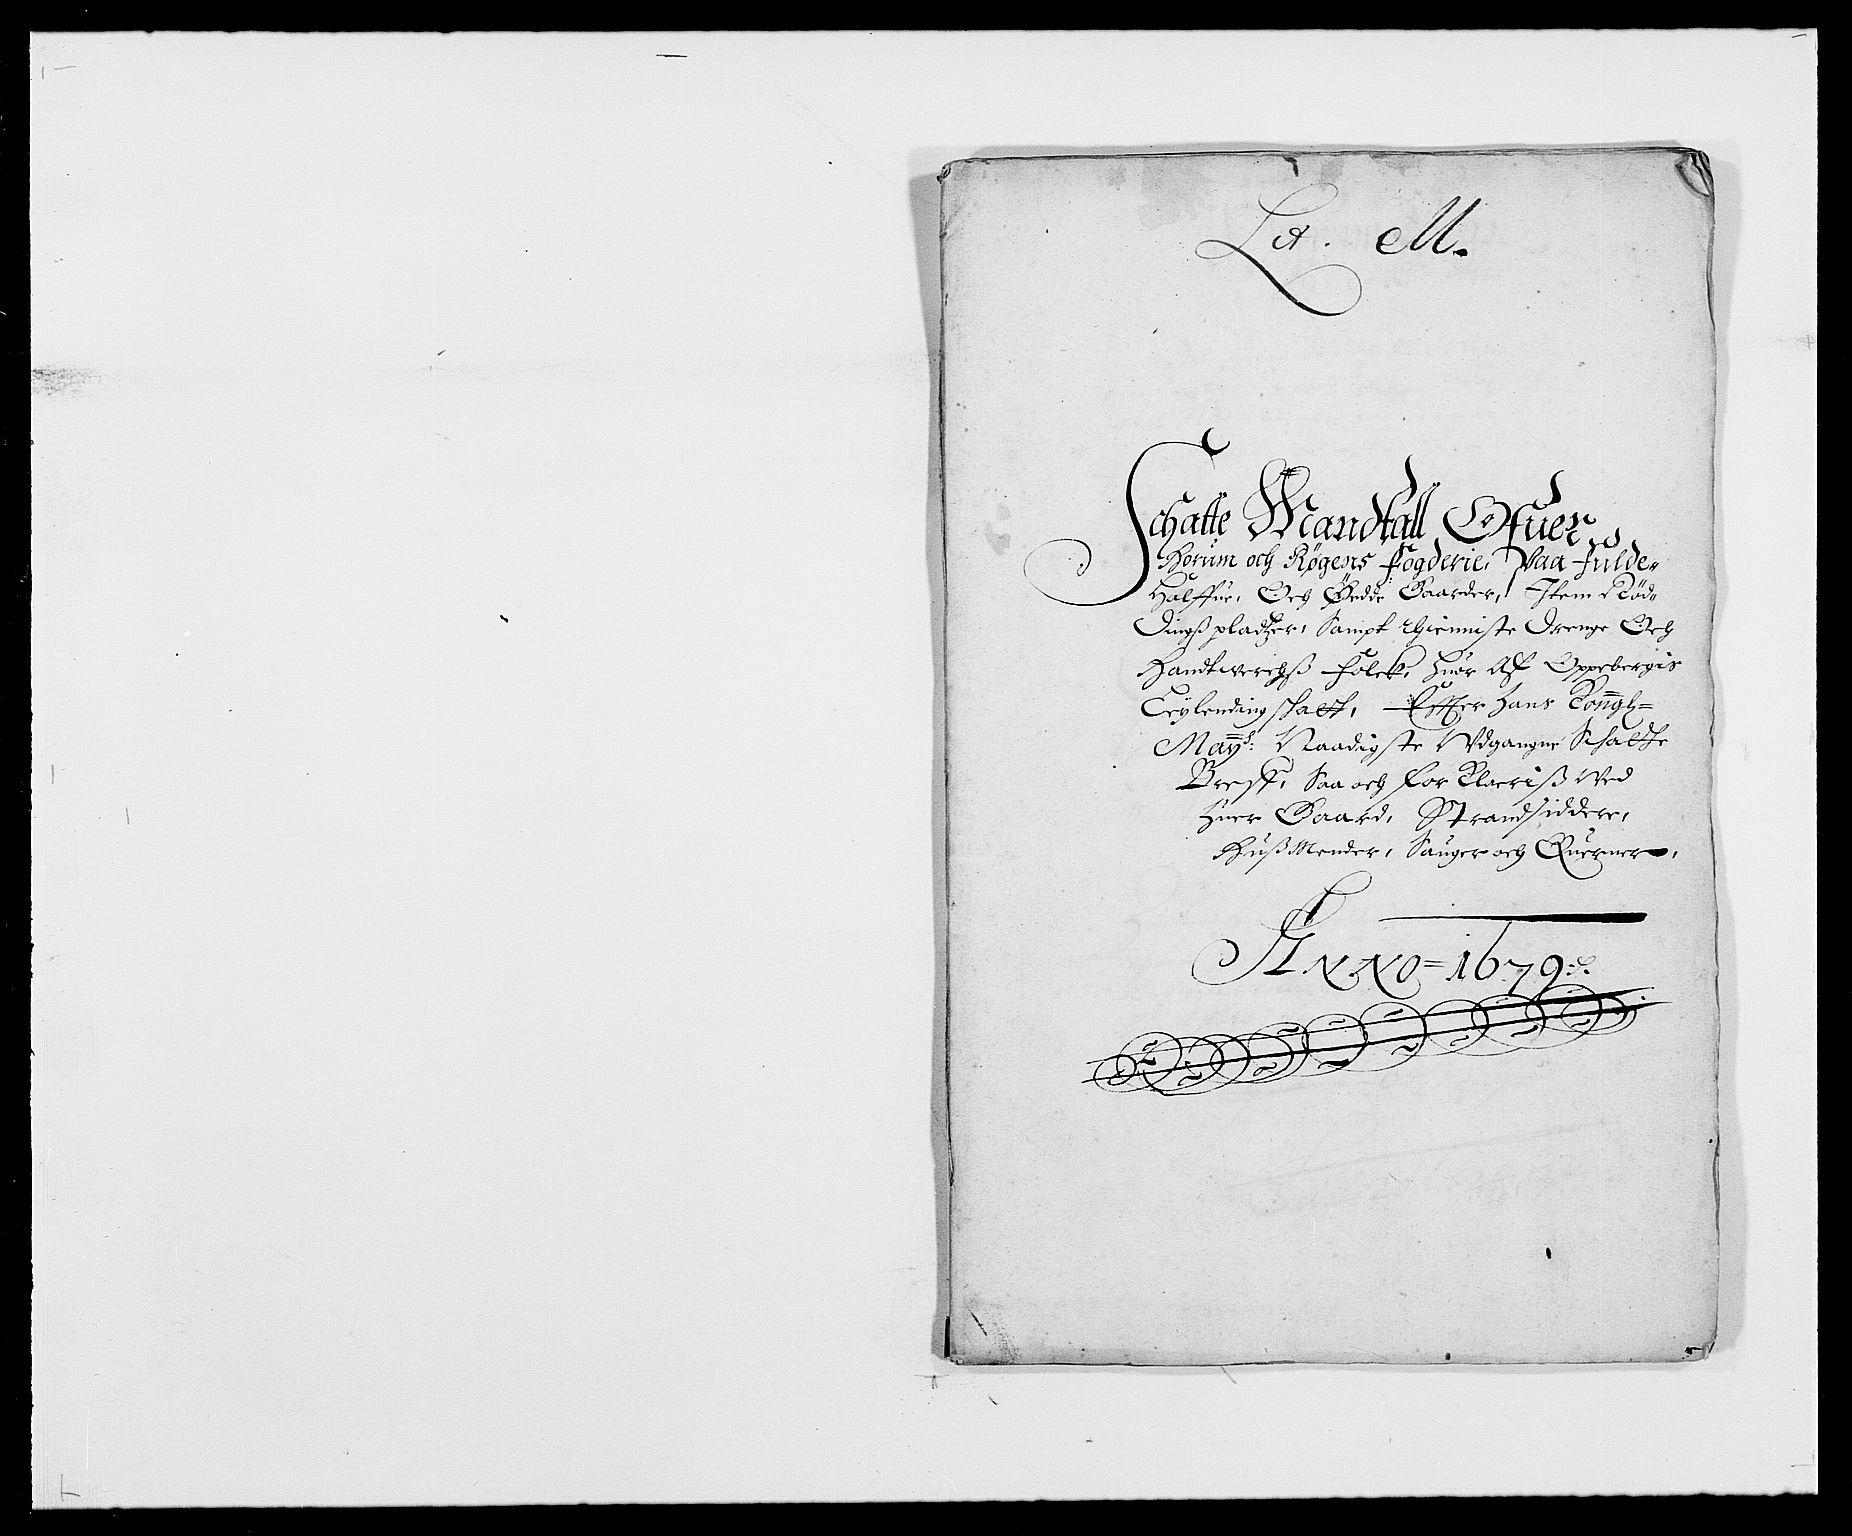 RA, Rentekammeret inntil 1814, Reviderte regnskaper, Fogderegnskap, R29/L1691: Fogderegnskap Hurum og Røyken, 1678-1681, s. 147